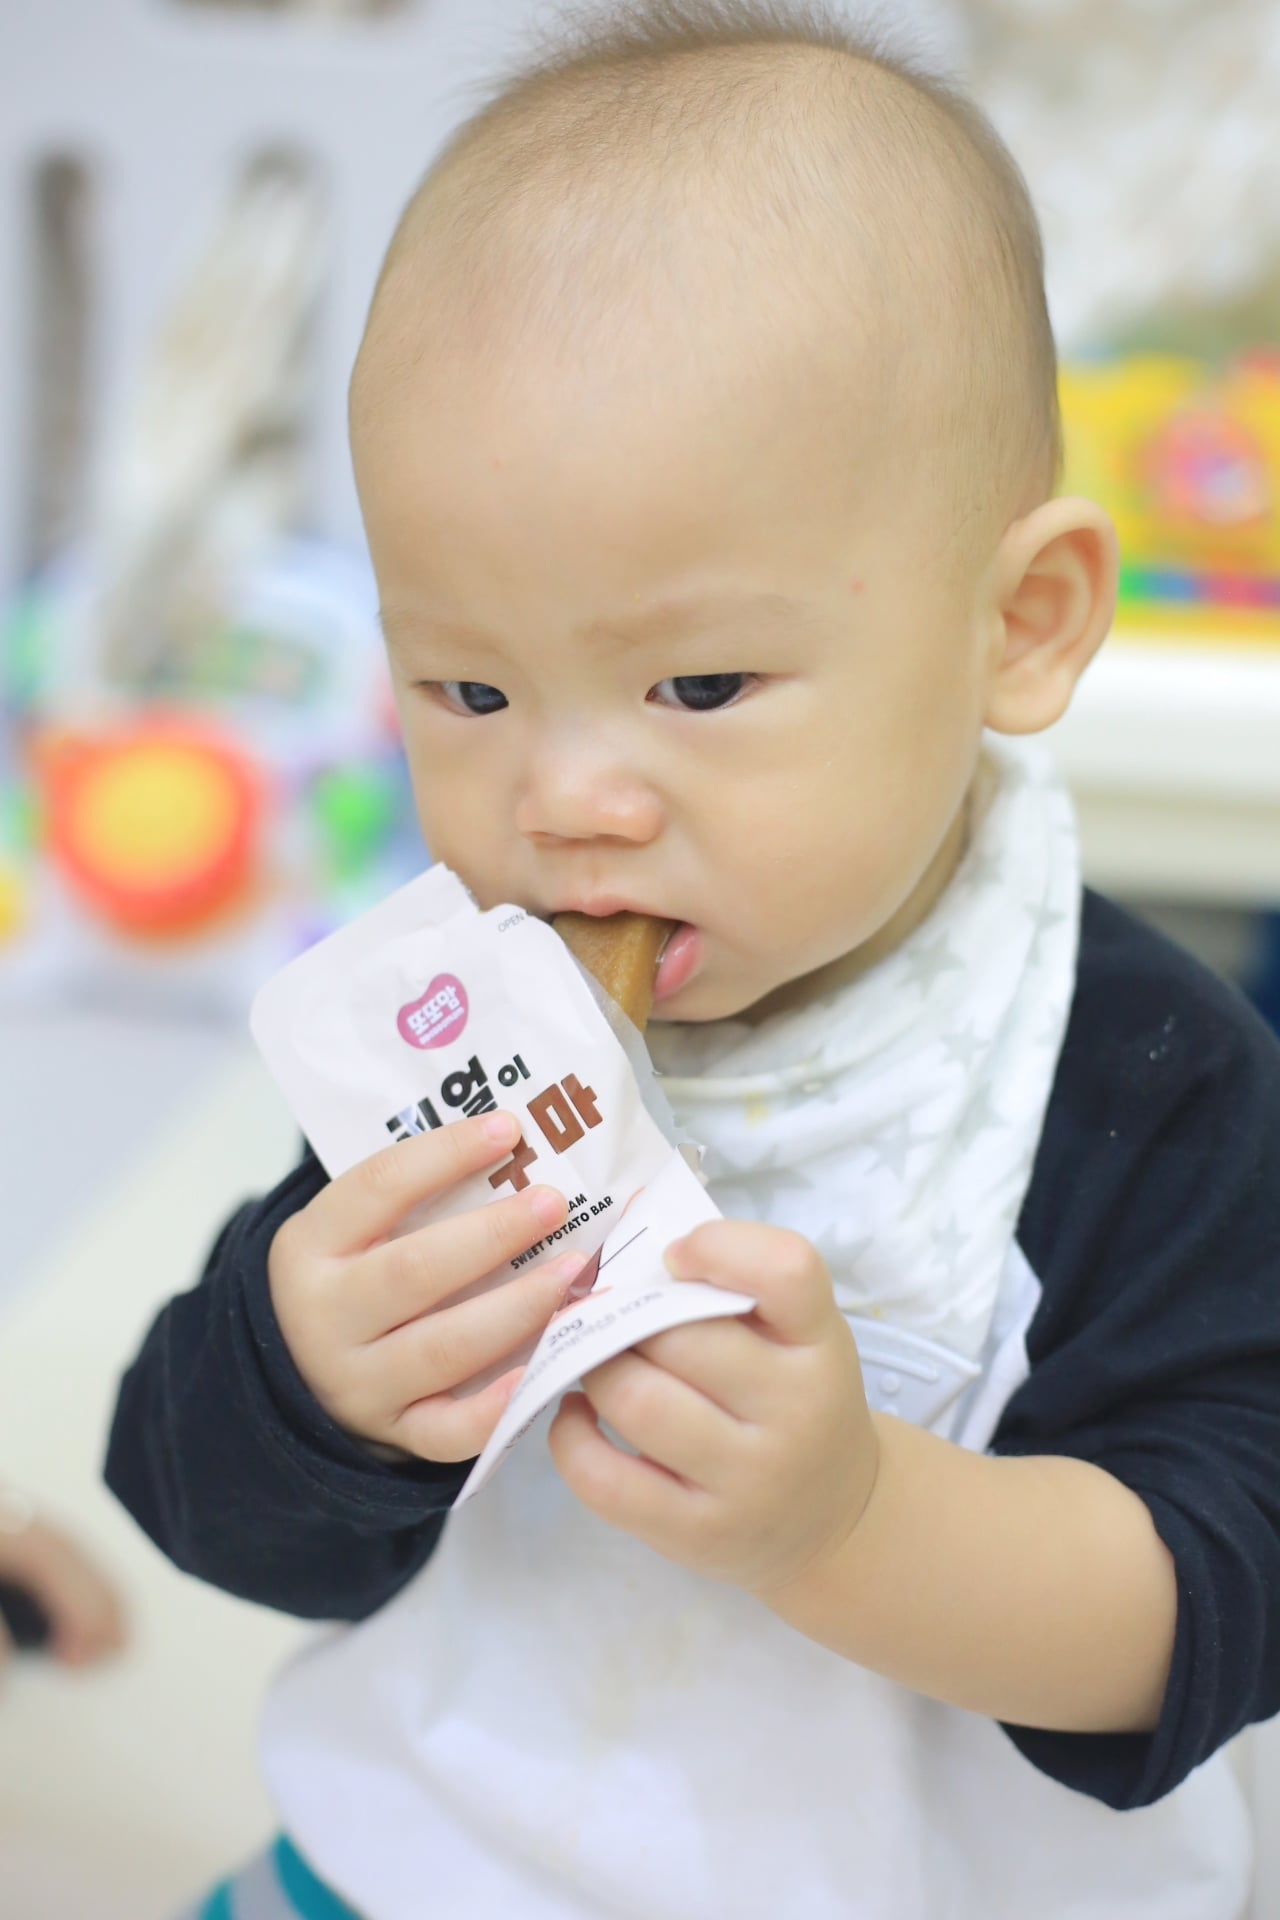 【開團】日韓寶寶點心補貨團,一歲寶寶就能吃,寶寶米泡芙,米餅,海苔粉,果汁,海苔,小饅頭,地瓜條(3團) @小環妞 幸福足跡